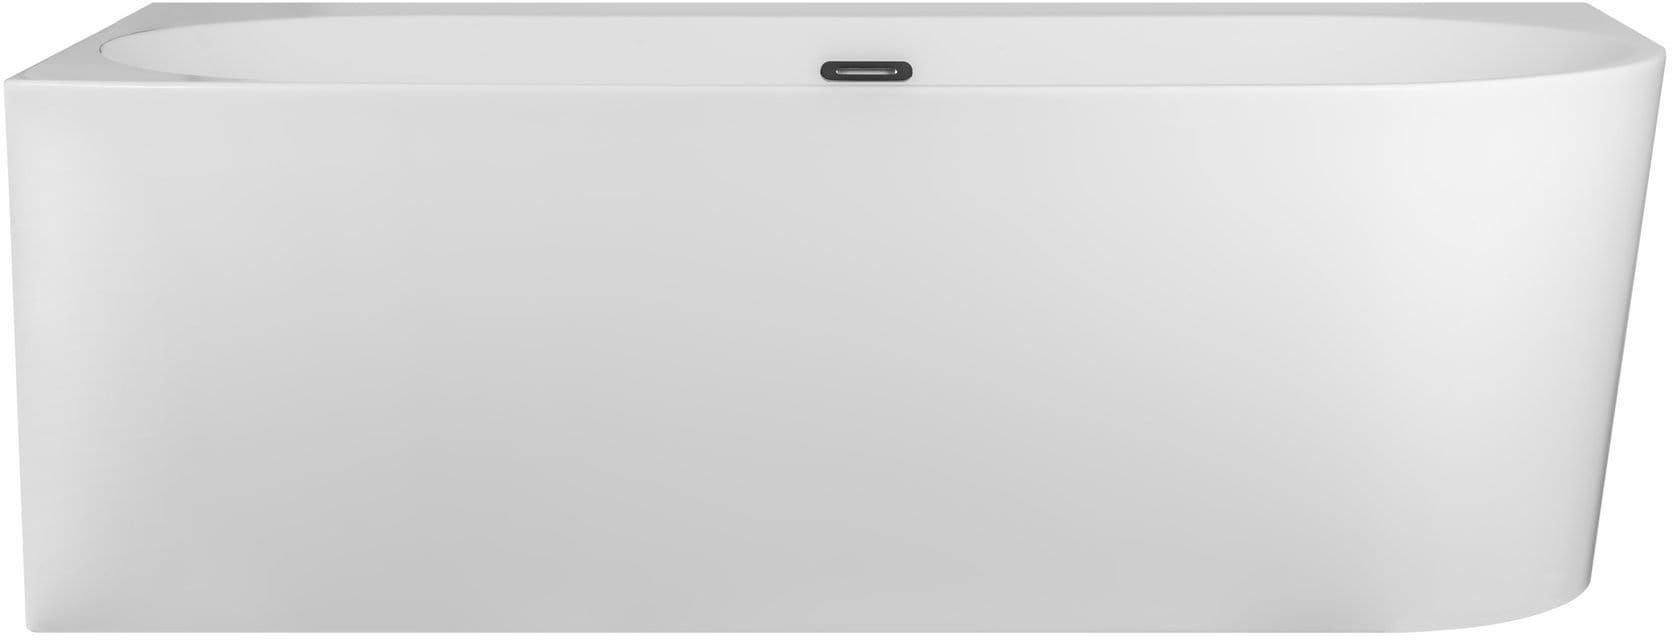 Corsan wanna narożna lewa przyścienna z półką akrylowa INTERO 170 x 80 cm E240XLL + syfon klik-klak/ biała